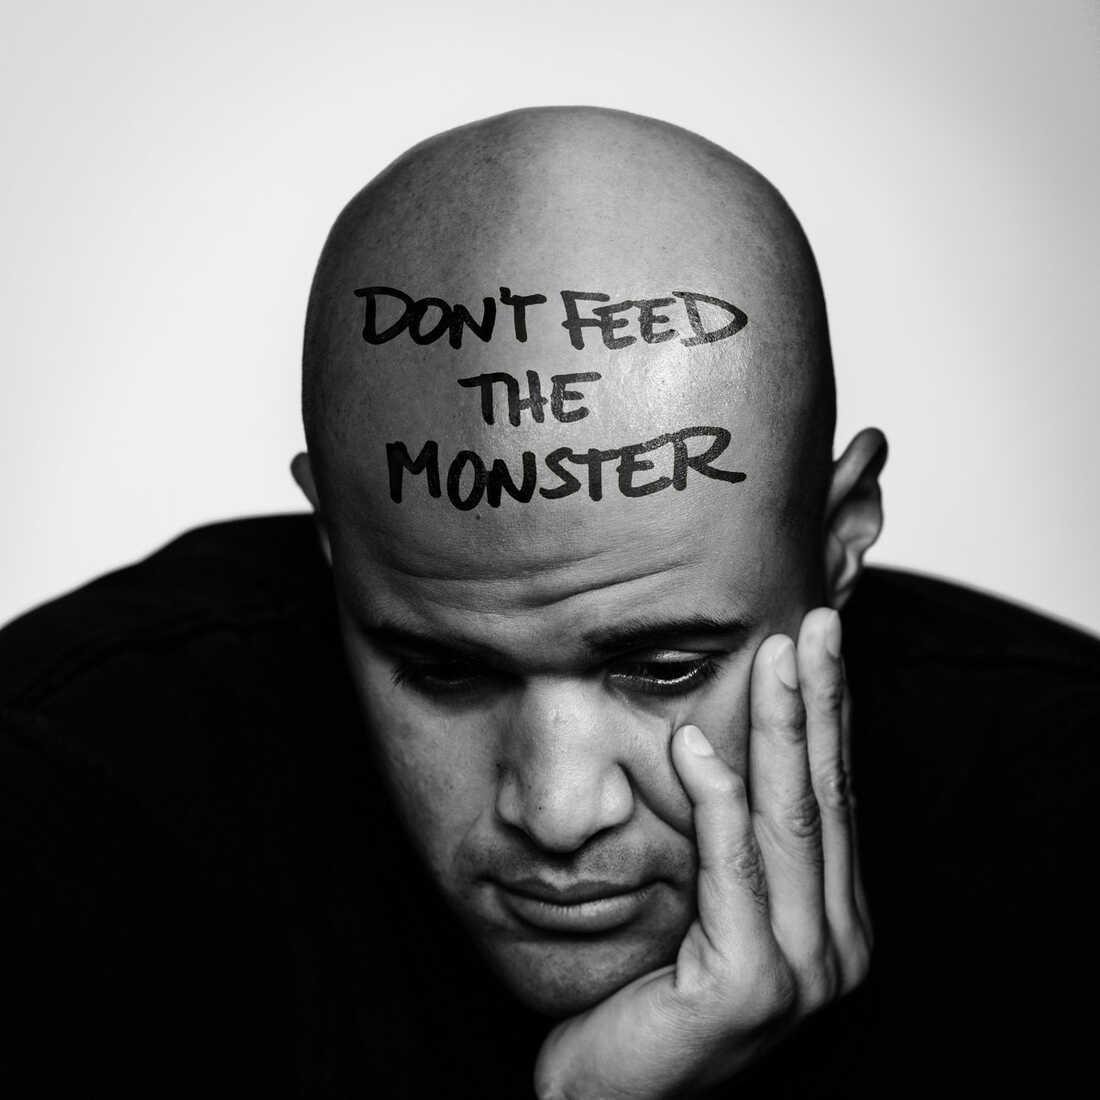 Homeboy Sandman, Don't Feed the Monster